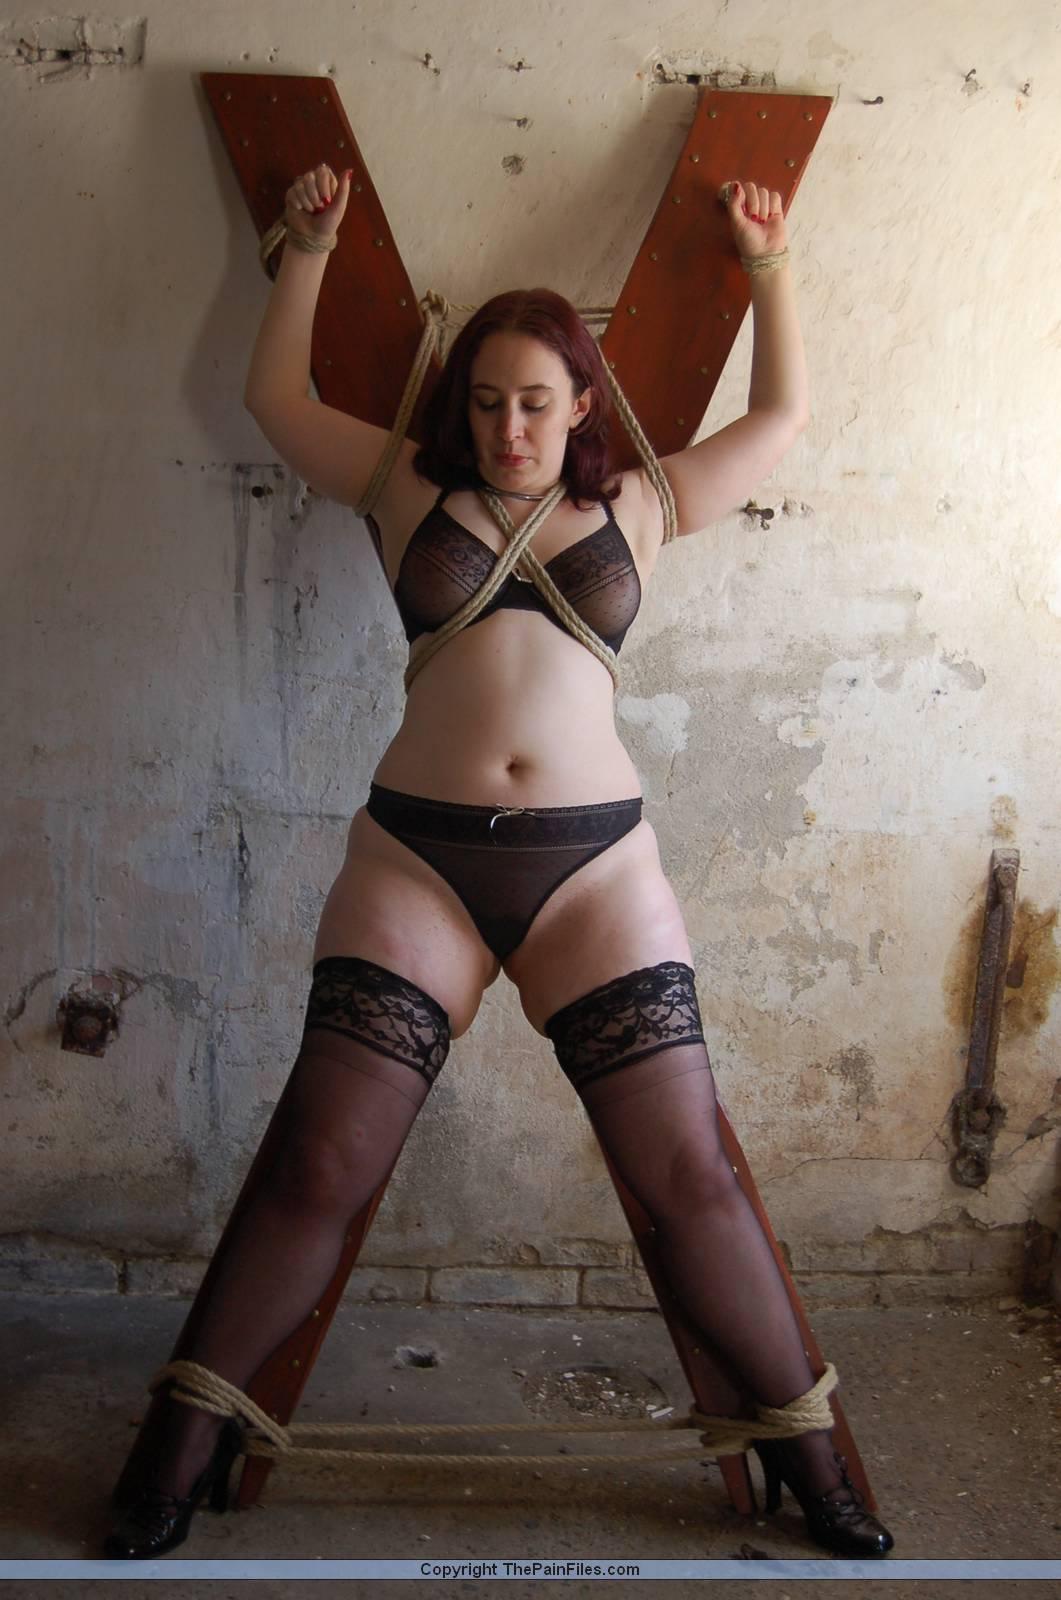 BDSM fetish sex dating video in Boulder